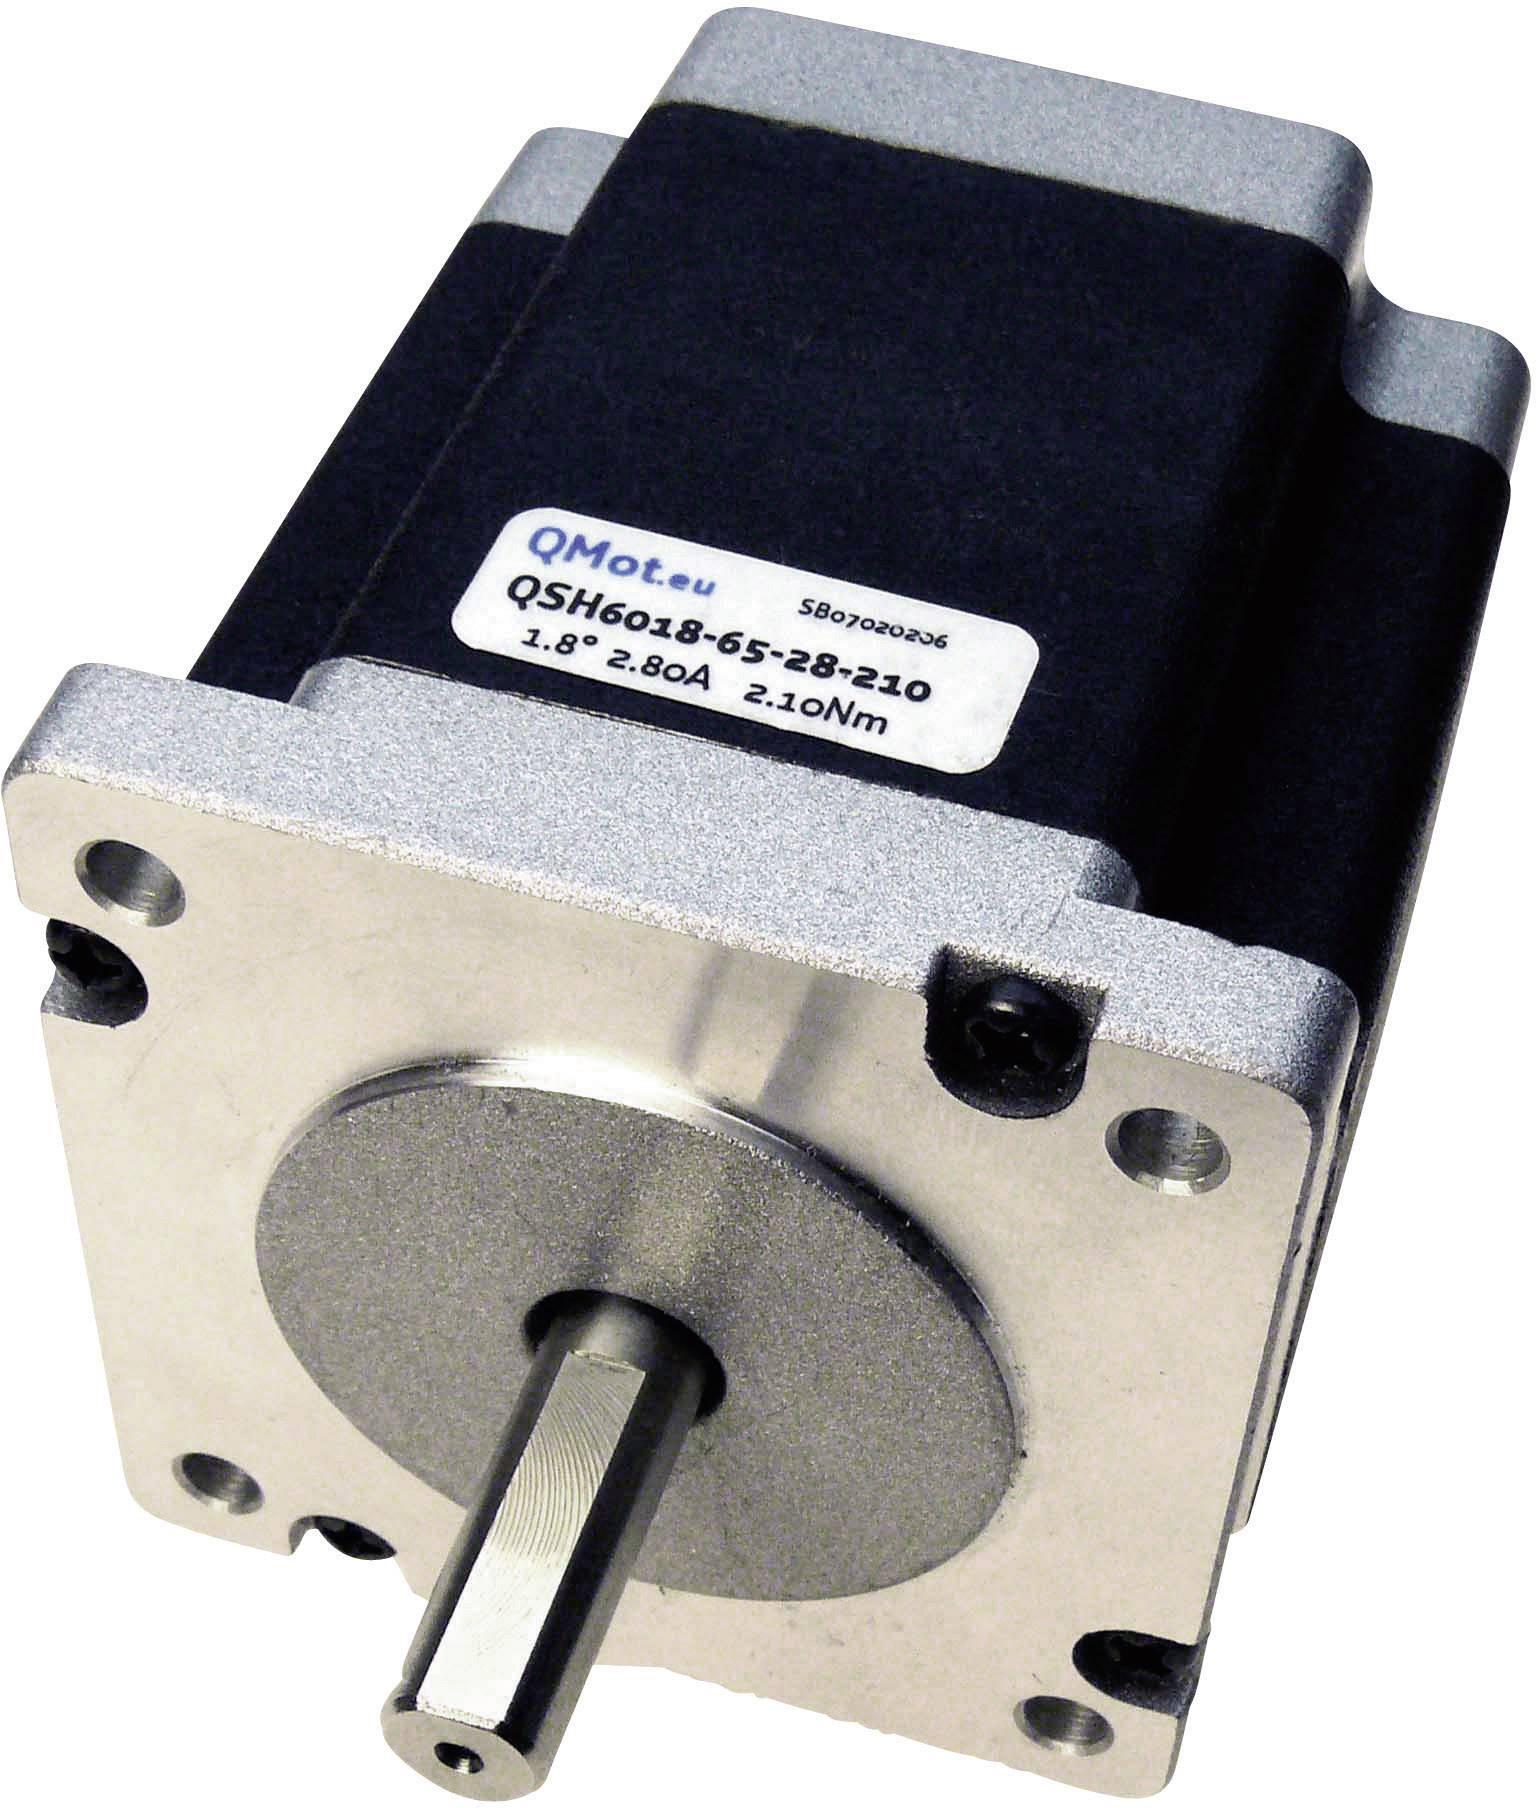 Krokový motor Qmot Trinamic QSH6018-45-28-110 (50-0045)